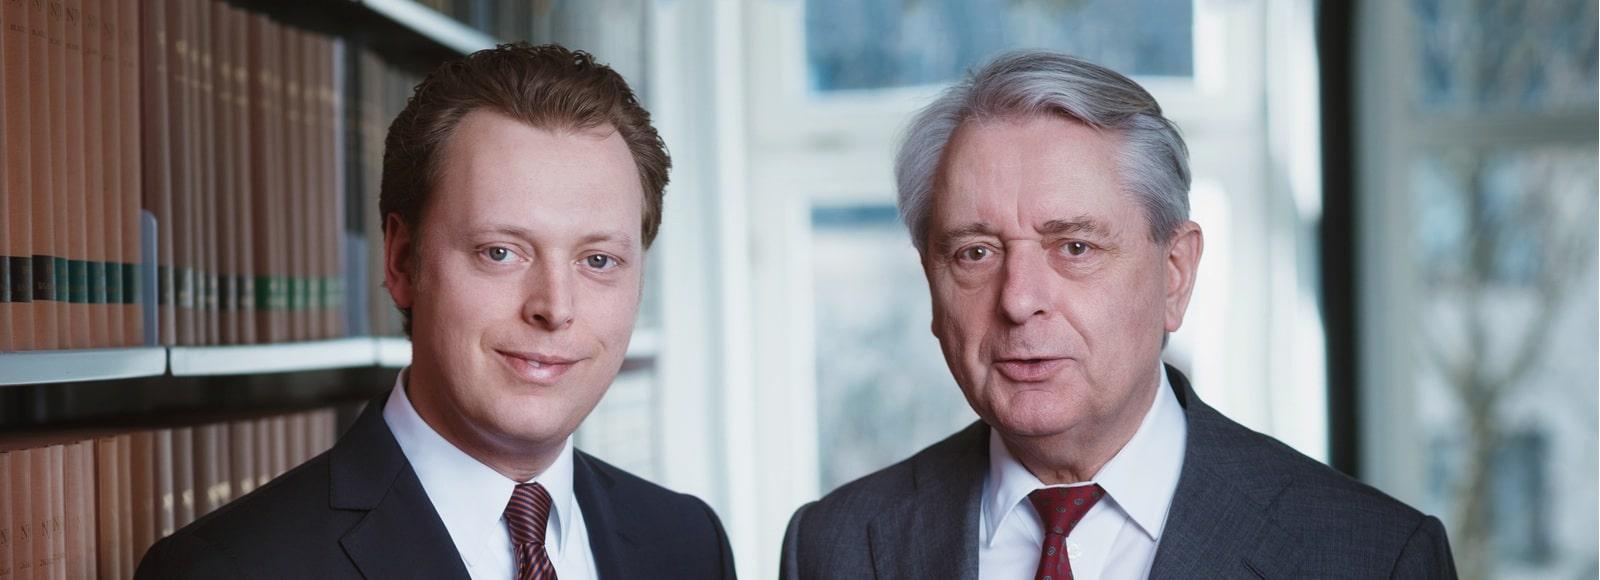 Anwalt Für Arbeitsrecht In Köln Rüber Rechtsanwälte